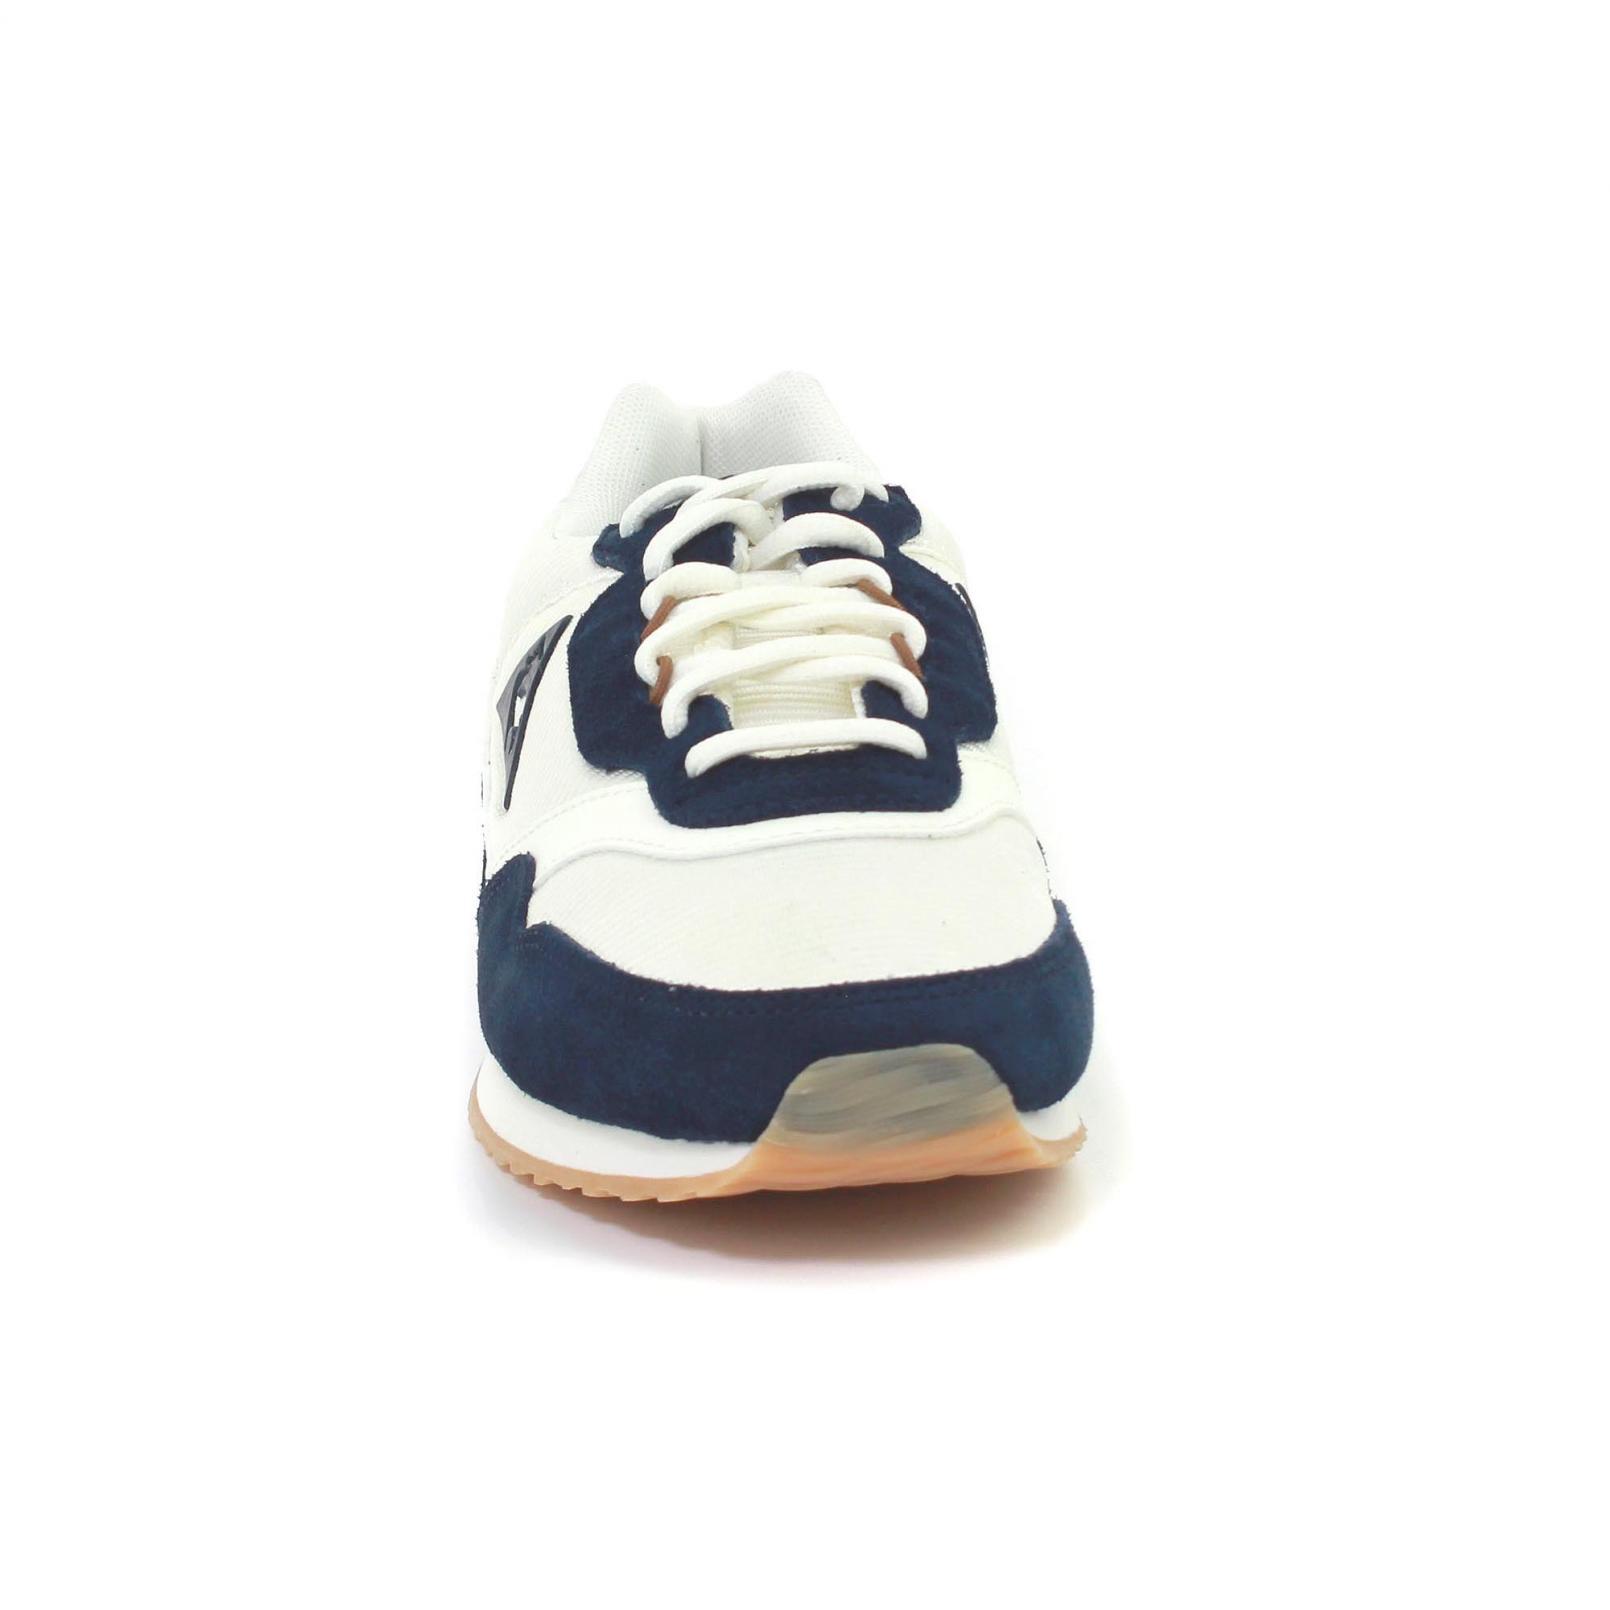 Shoes – Le Coq Sportif Louise Suede/Nylon Blue